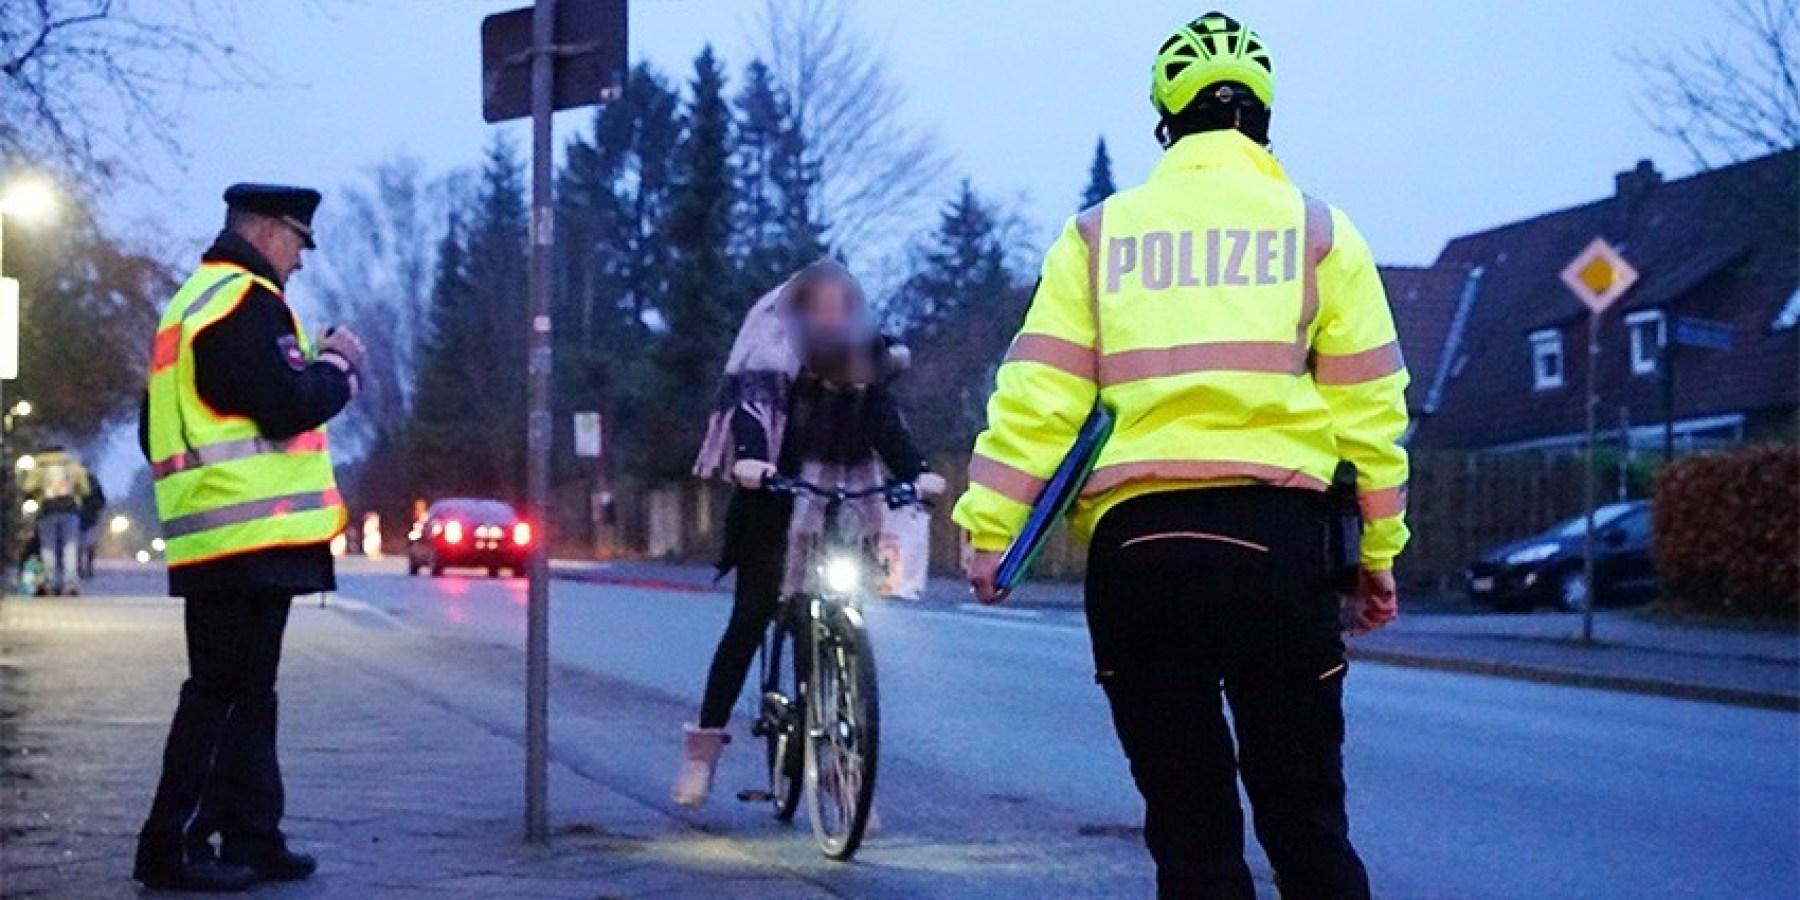 Schwerpunktkontrolle der Polizei Münster